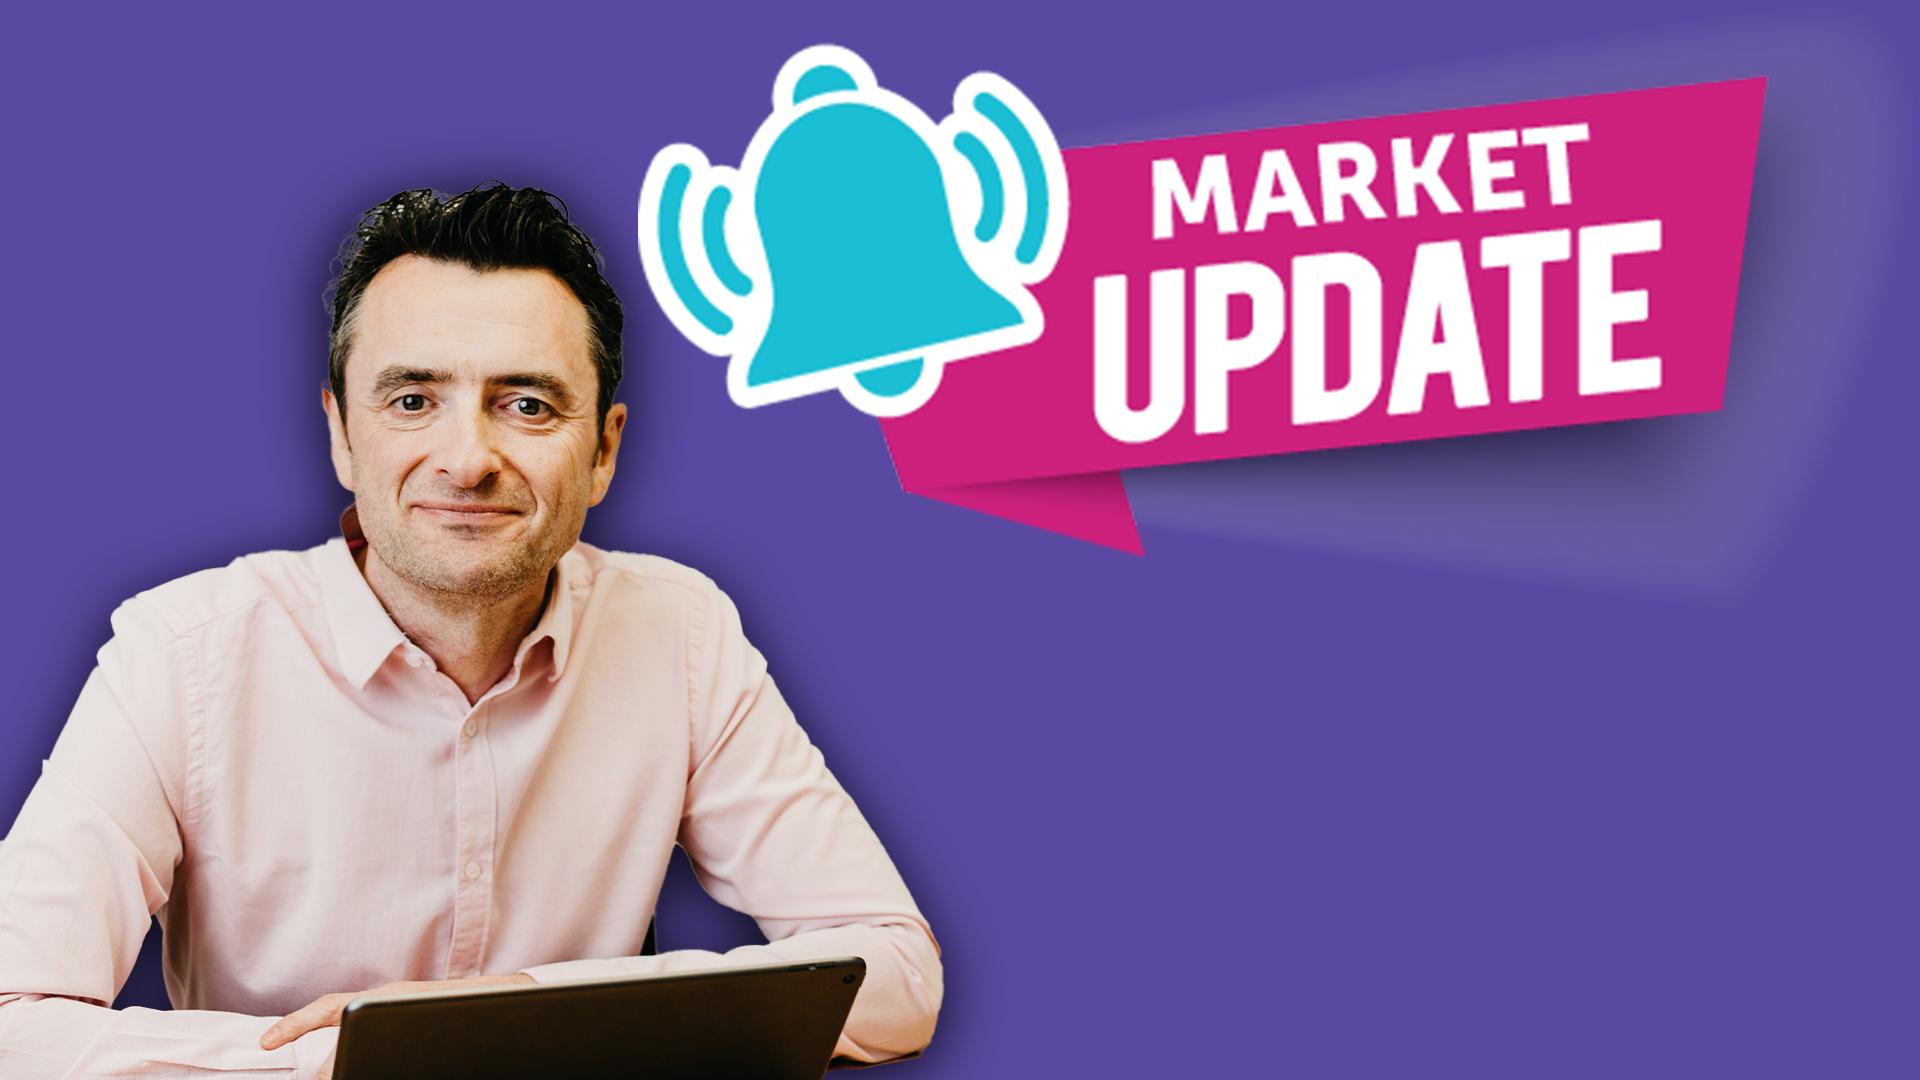 Mortgage Market Update | Manchestermoneyman